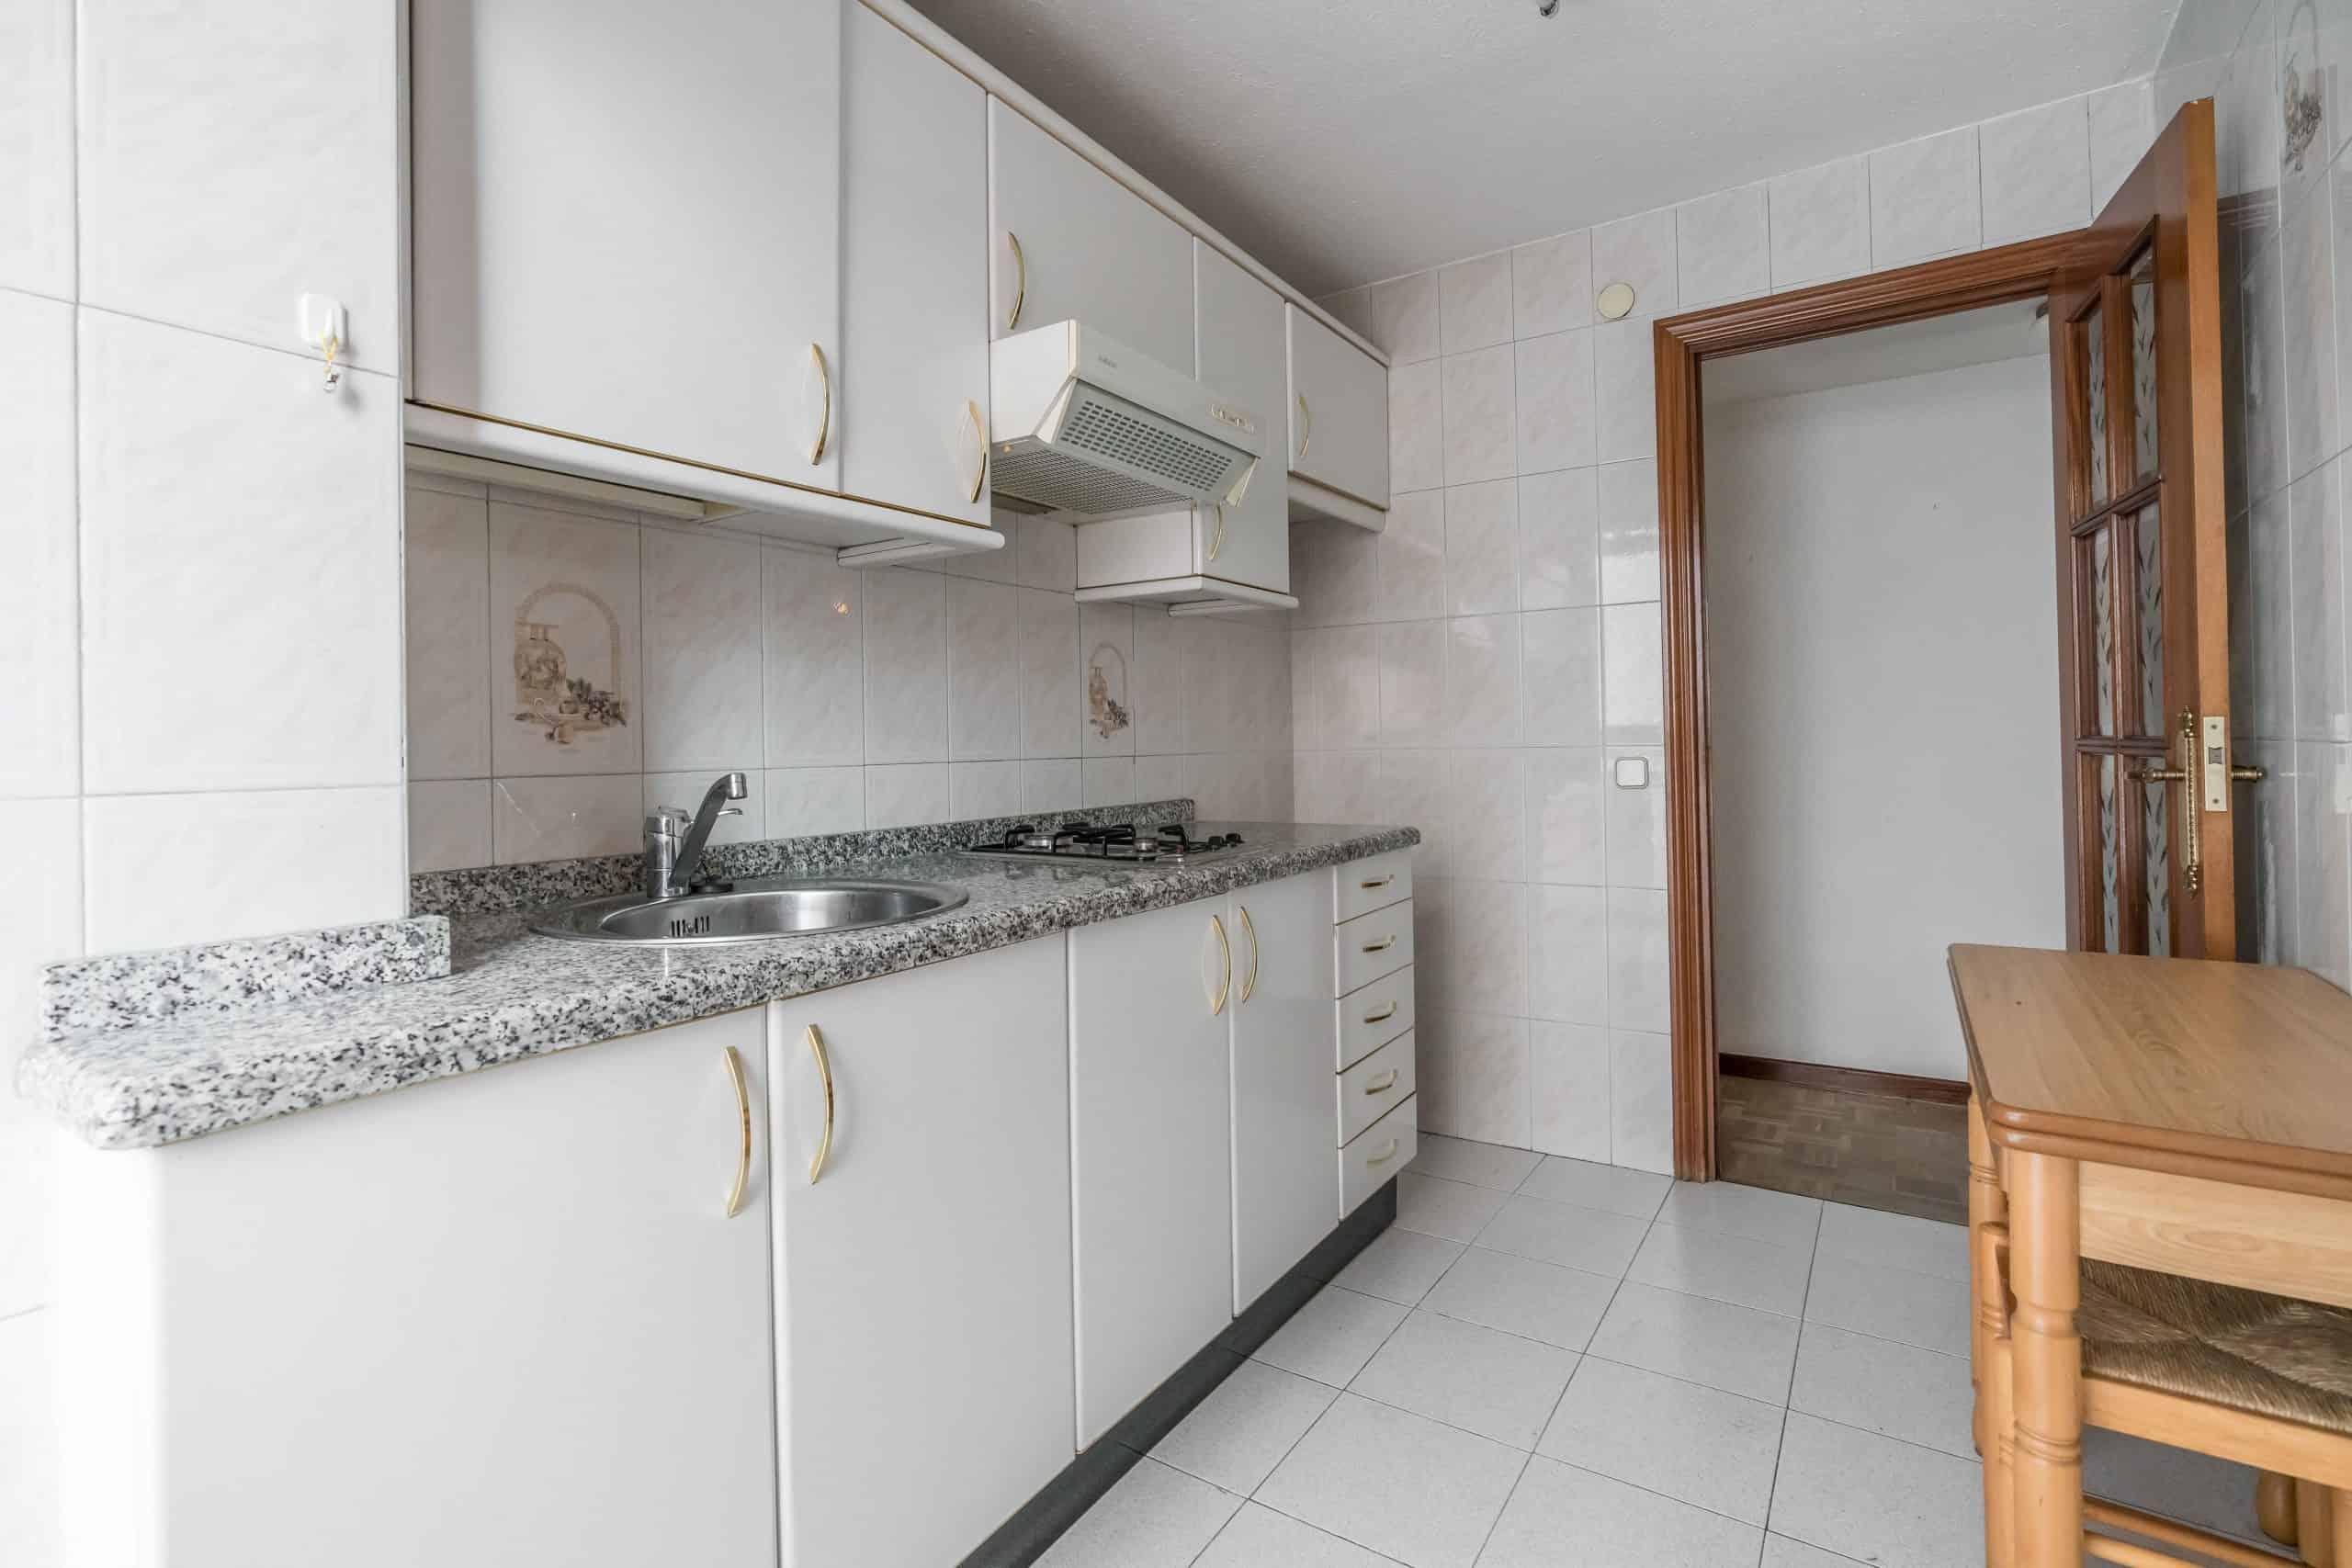 Agencia Inmobiliaria de Madrid-FUTUROCASA-Zona ARGANZUELA-LEGAZPI -calle Jaime Conquistador 48- Cocina 4